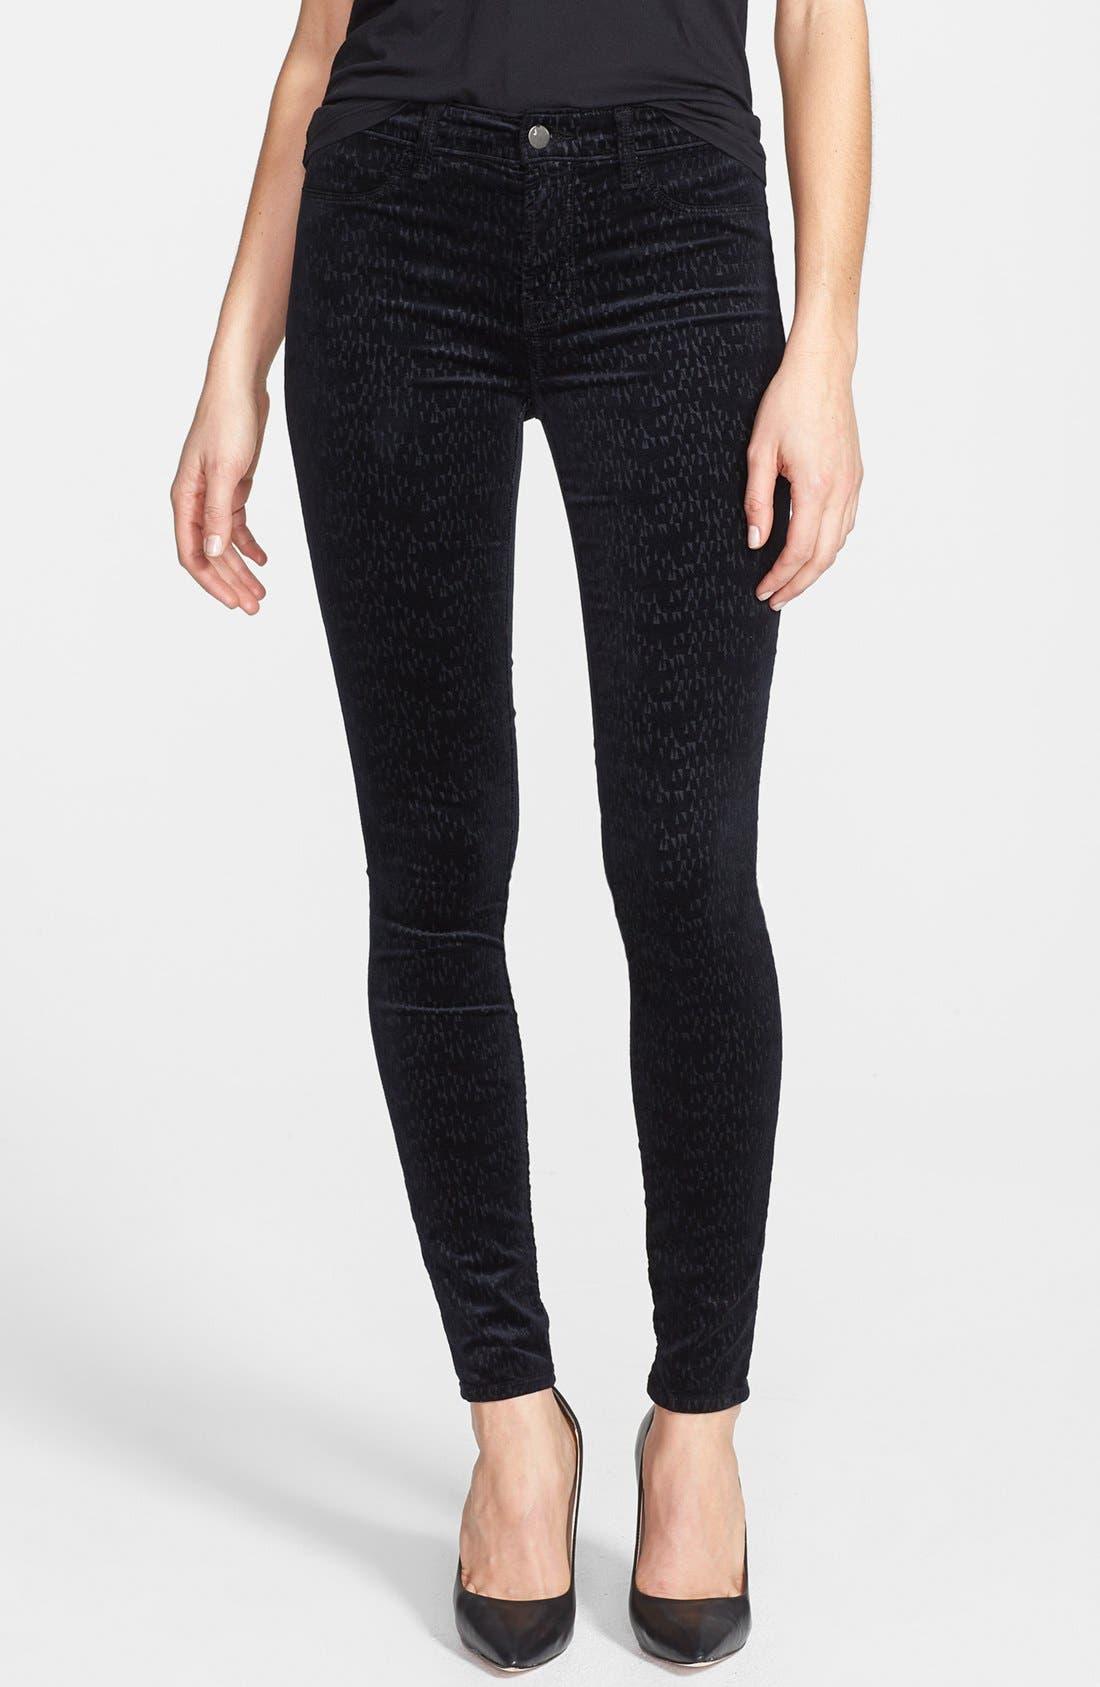 Alternate Image 1 Selected - J Brand '815' Patterned Velvet Skinny Jeans